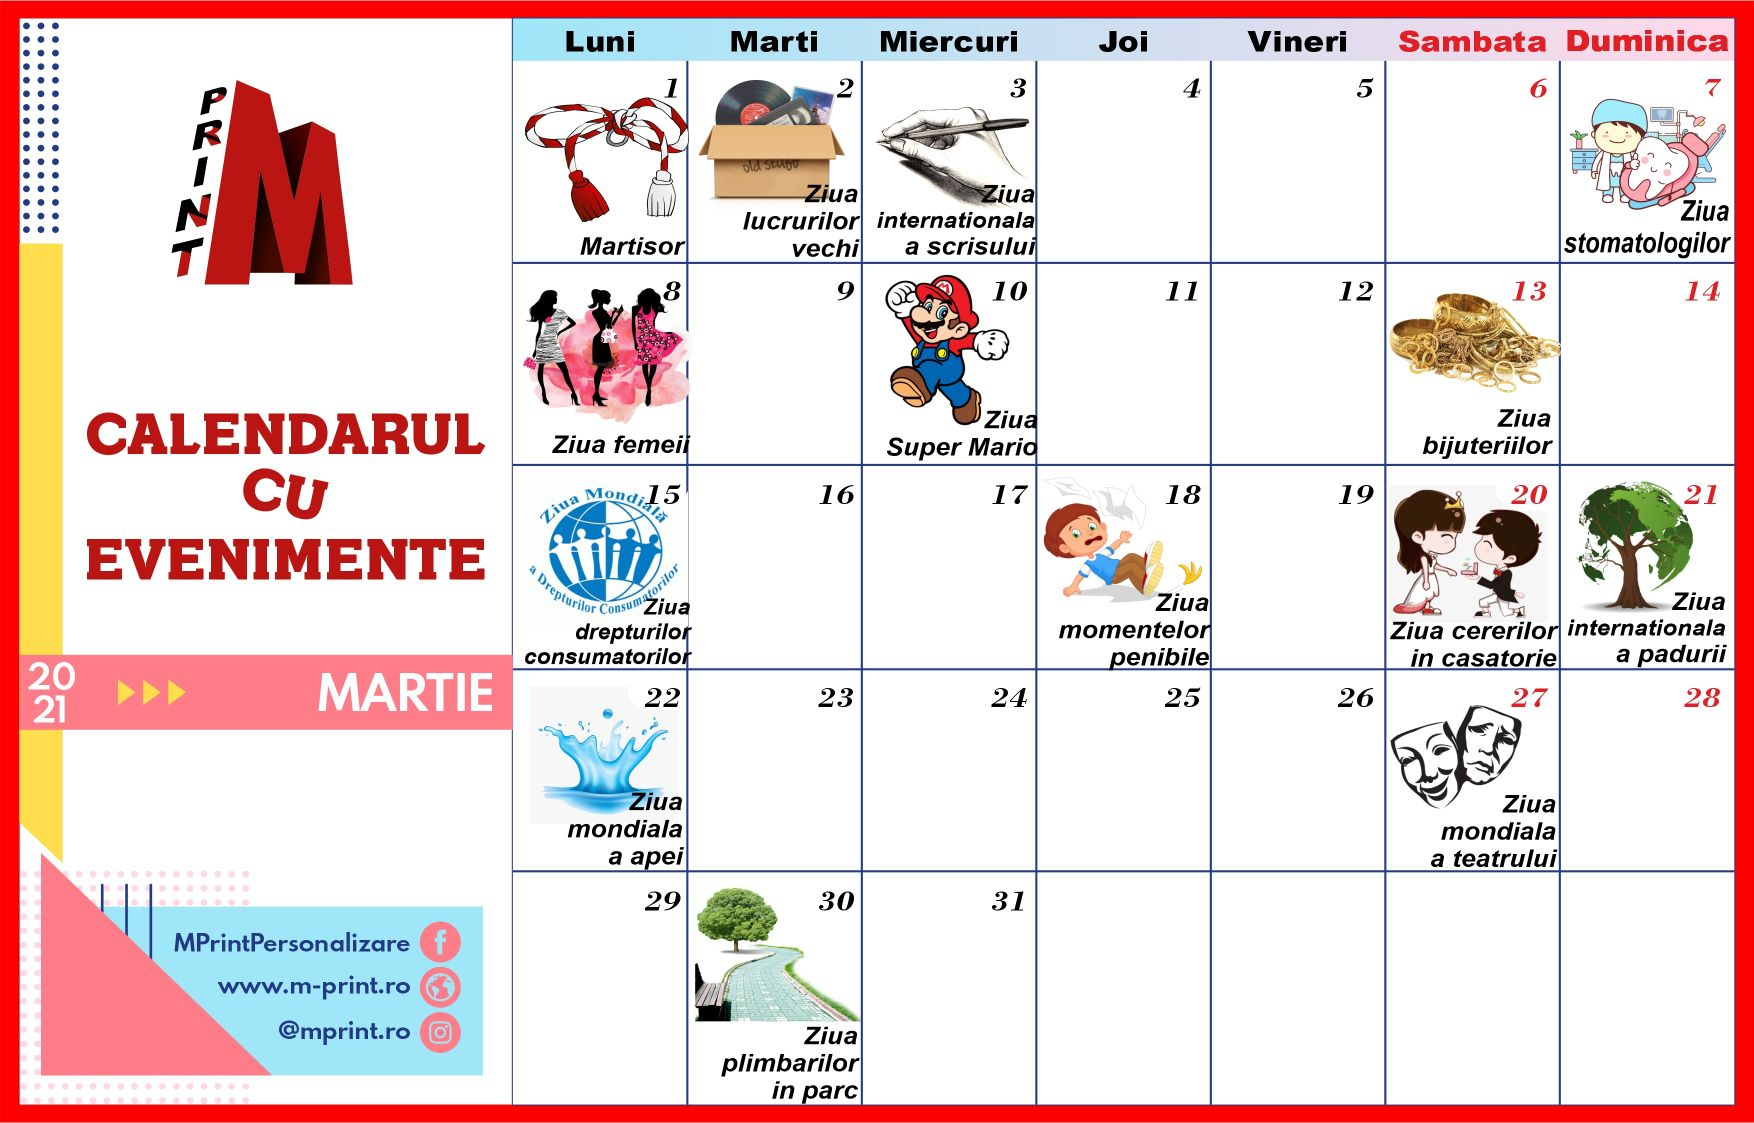 Calendarul cu evenimente al lunii Martie 2021